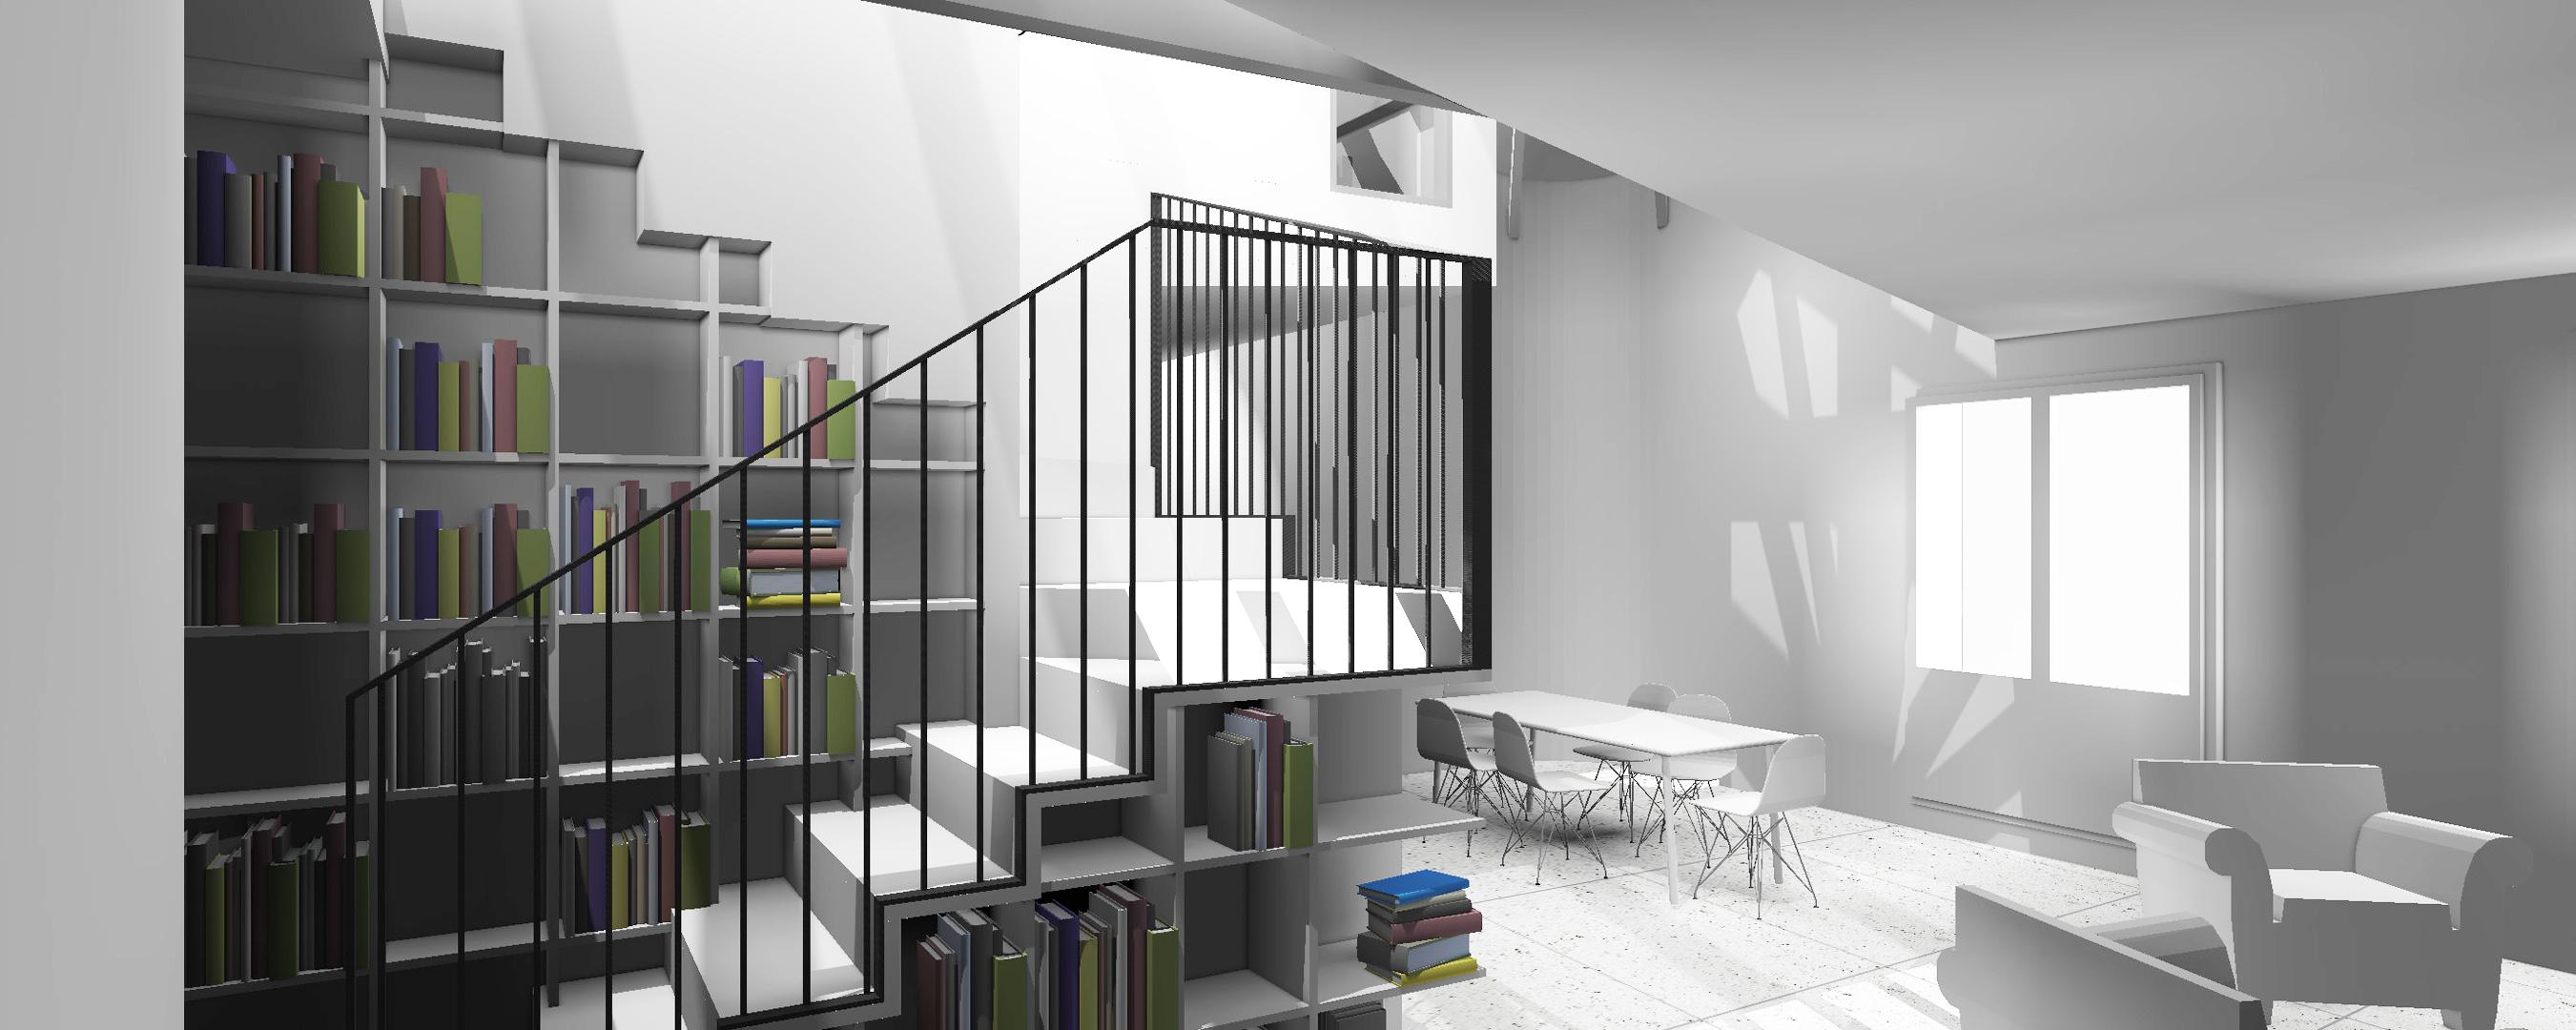 Projet : escalier meuble